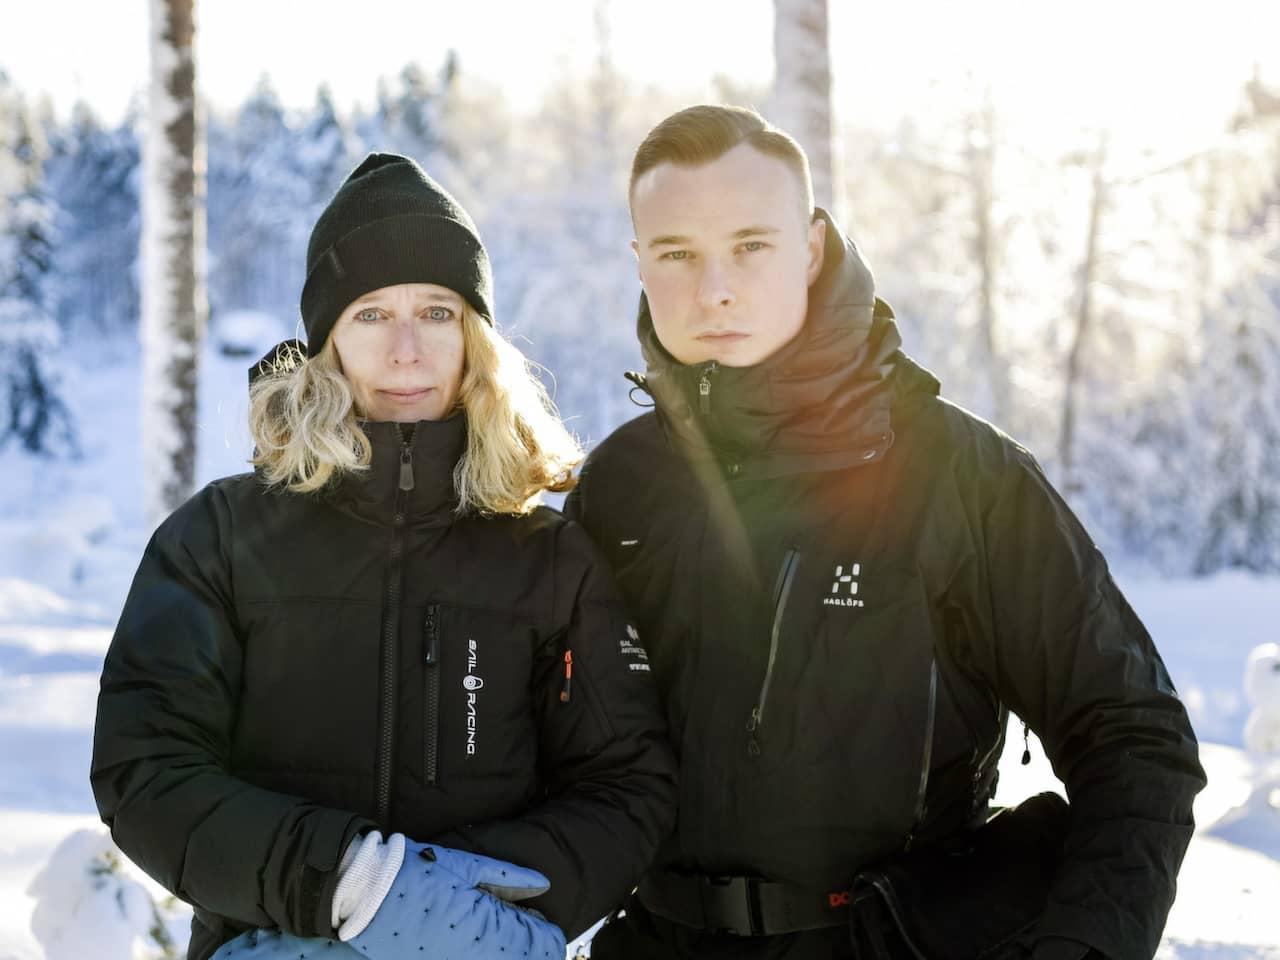 Åsa Asplid & Alex Ljungdahl